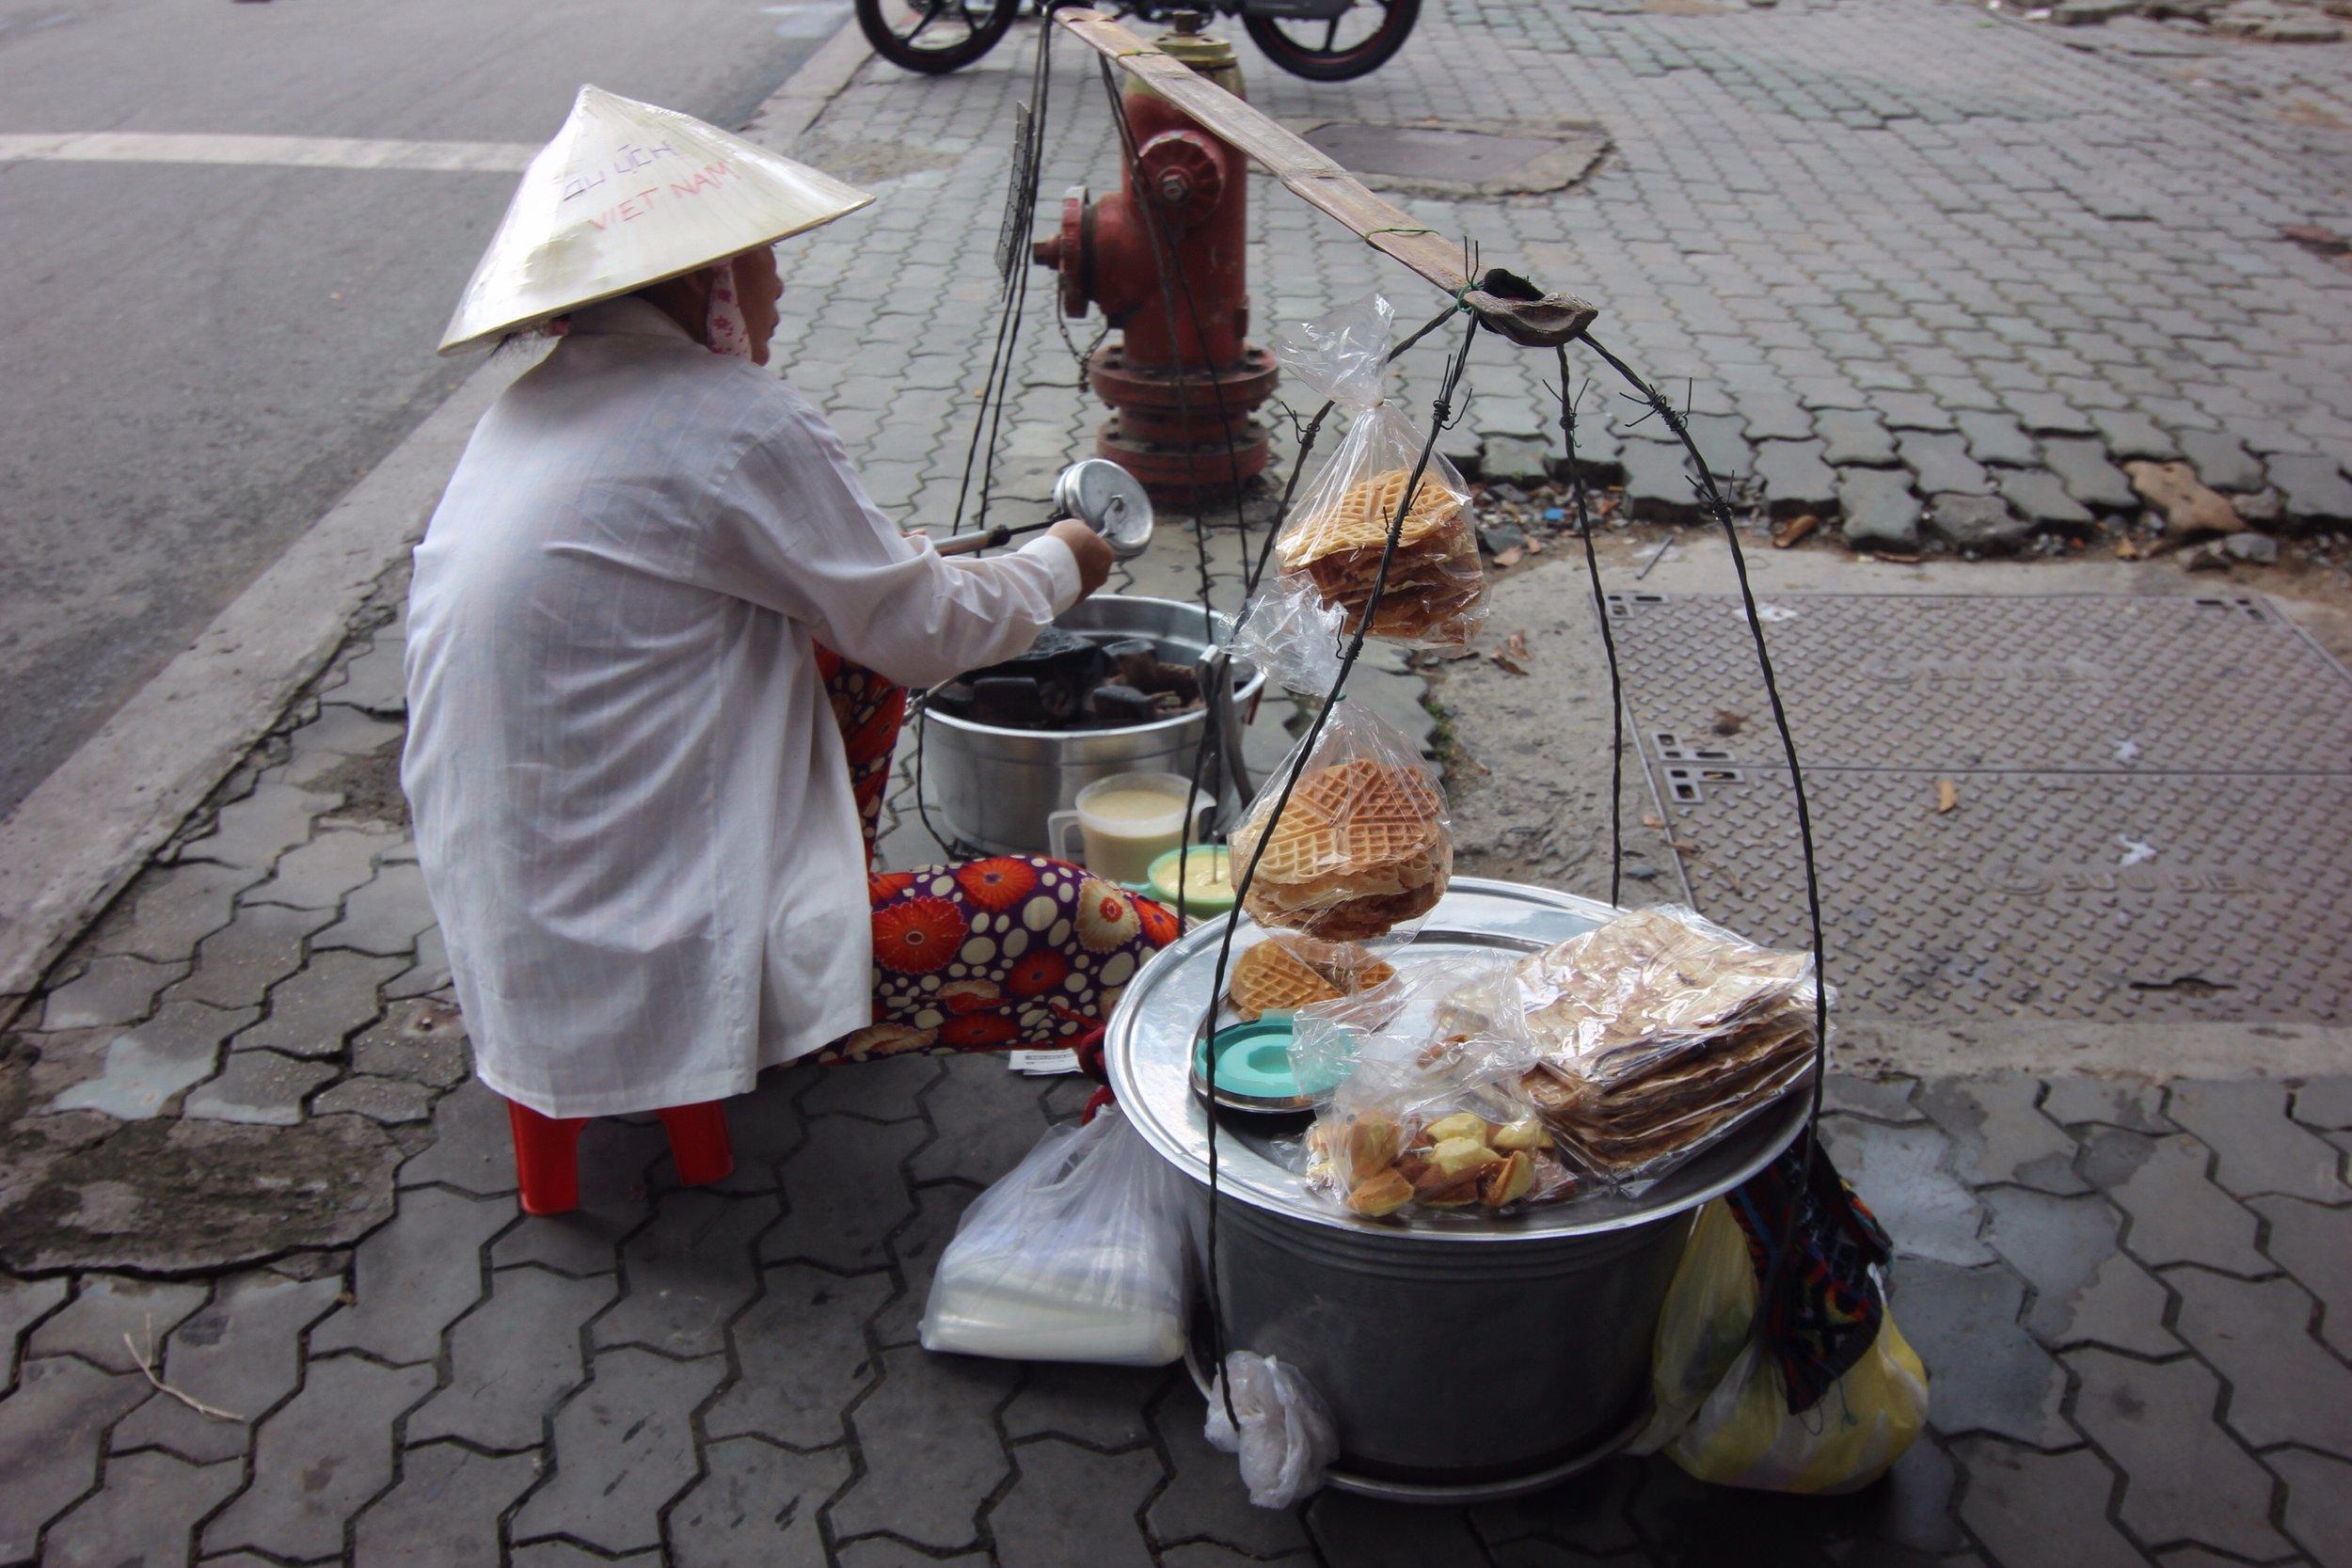 A street vendor near our hotel.